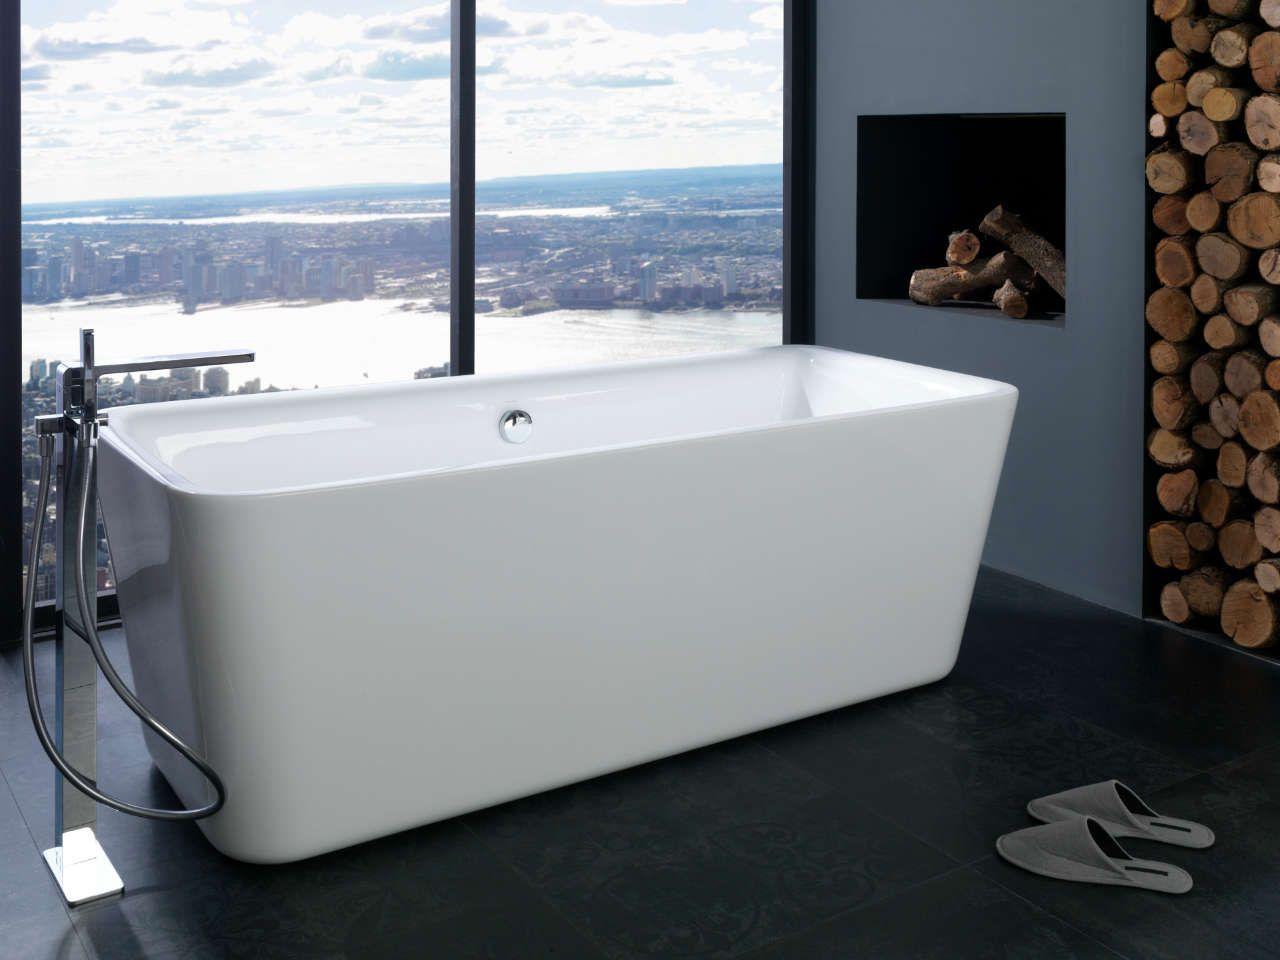 Mobili Bagno Freestanding : London mobile bagno arredo bagno cm lavabo e colonne incluse